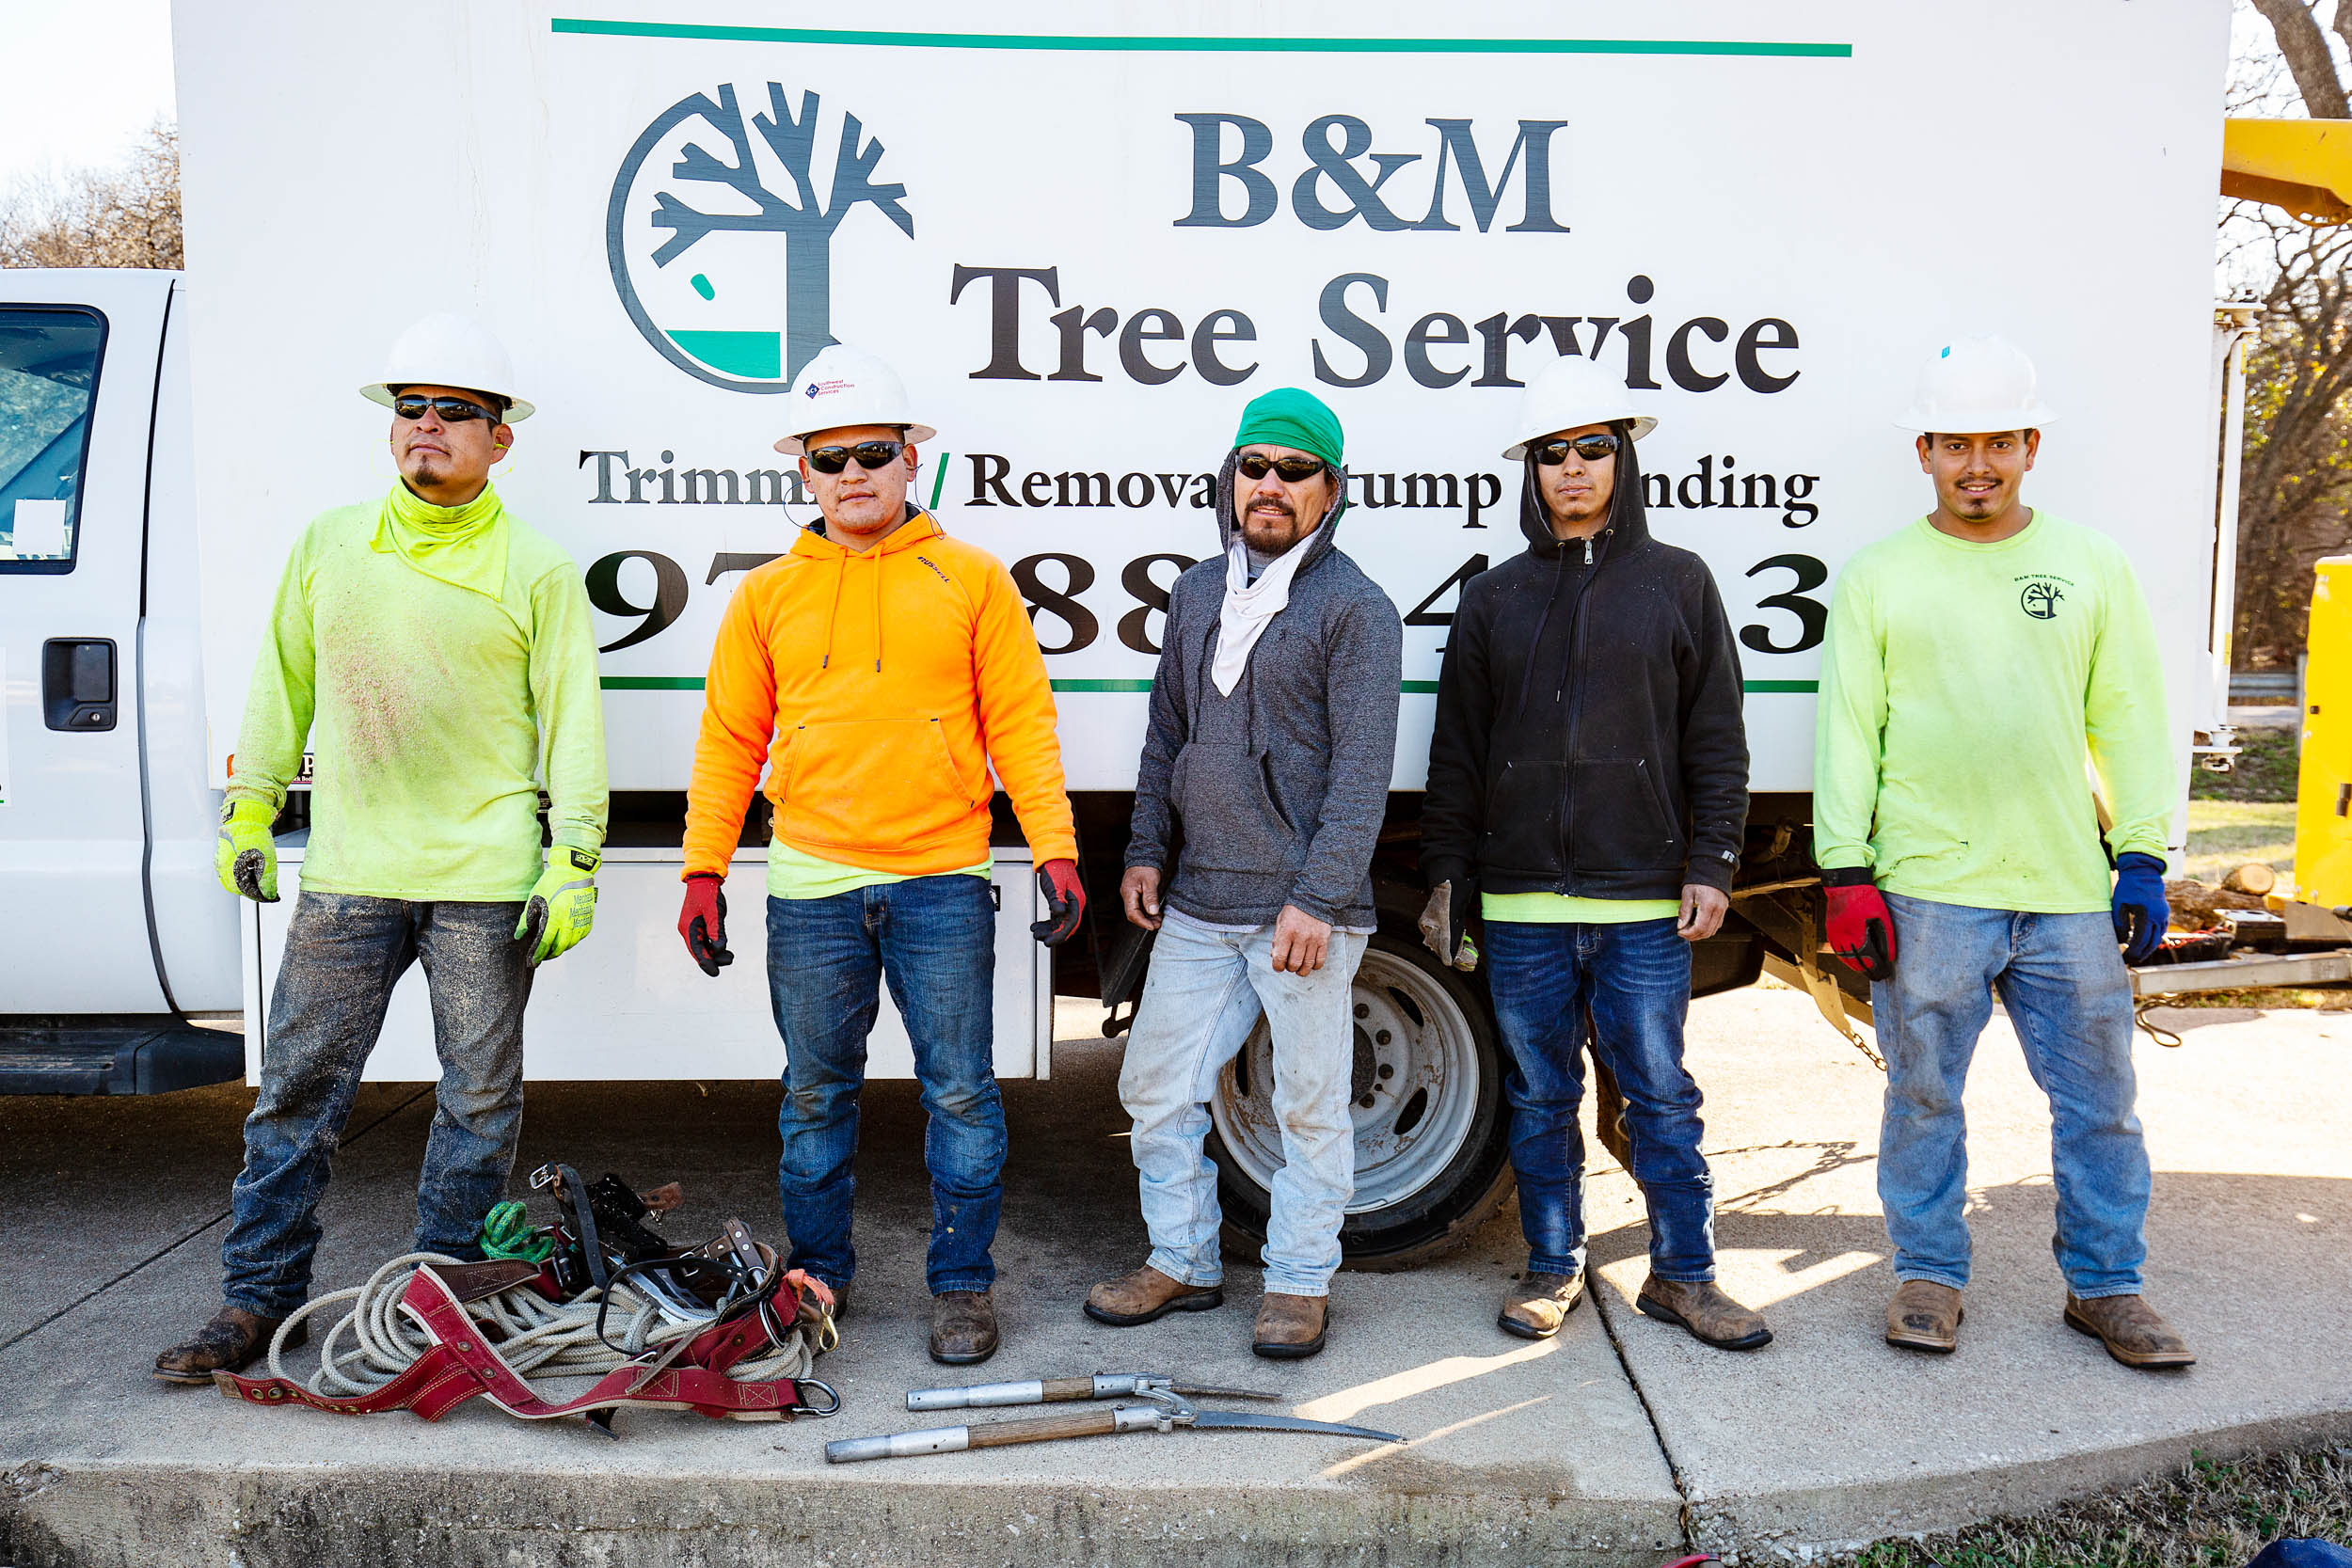 Tree Trim Service in keller Texas (44 of 49).jpg